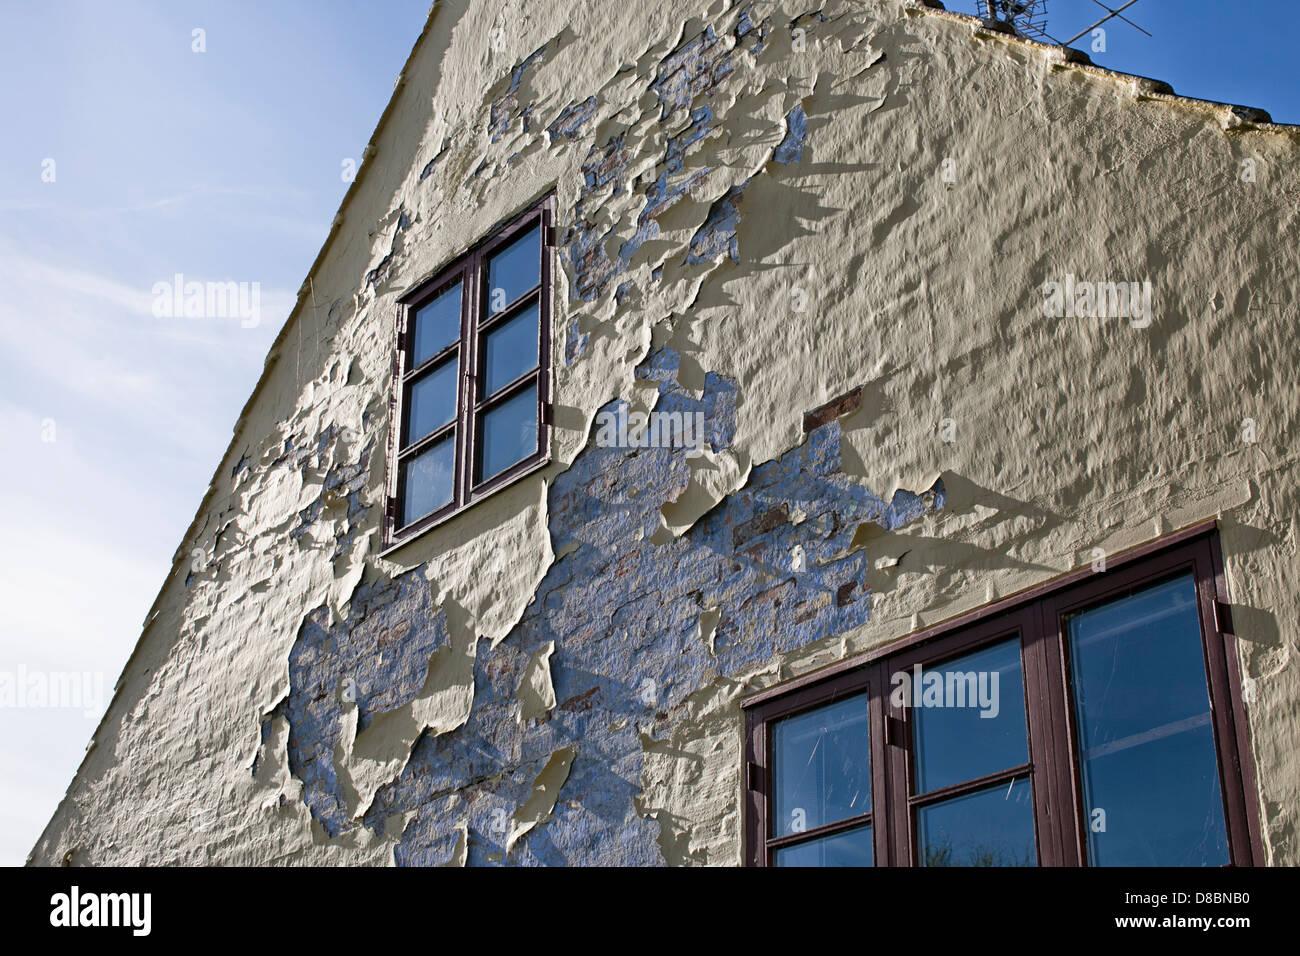 Fachada de la casa con necesidad de restauración. Imagen De Stock